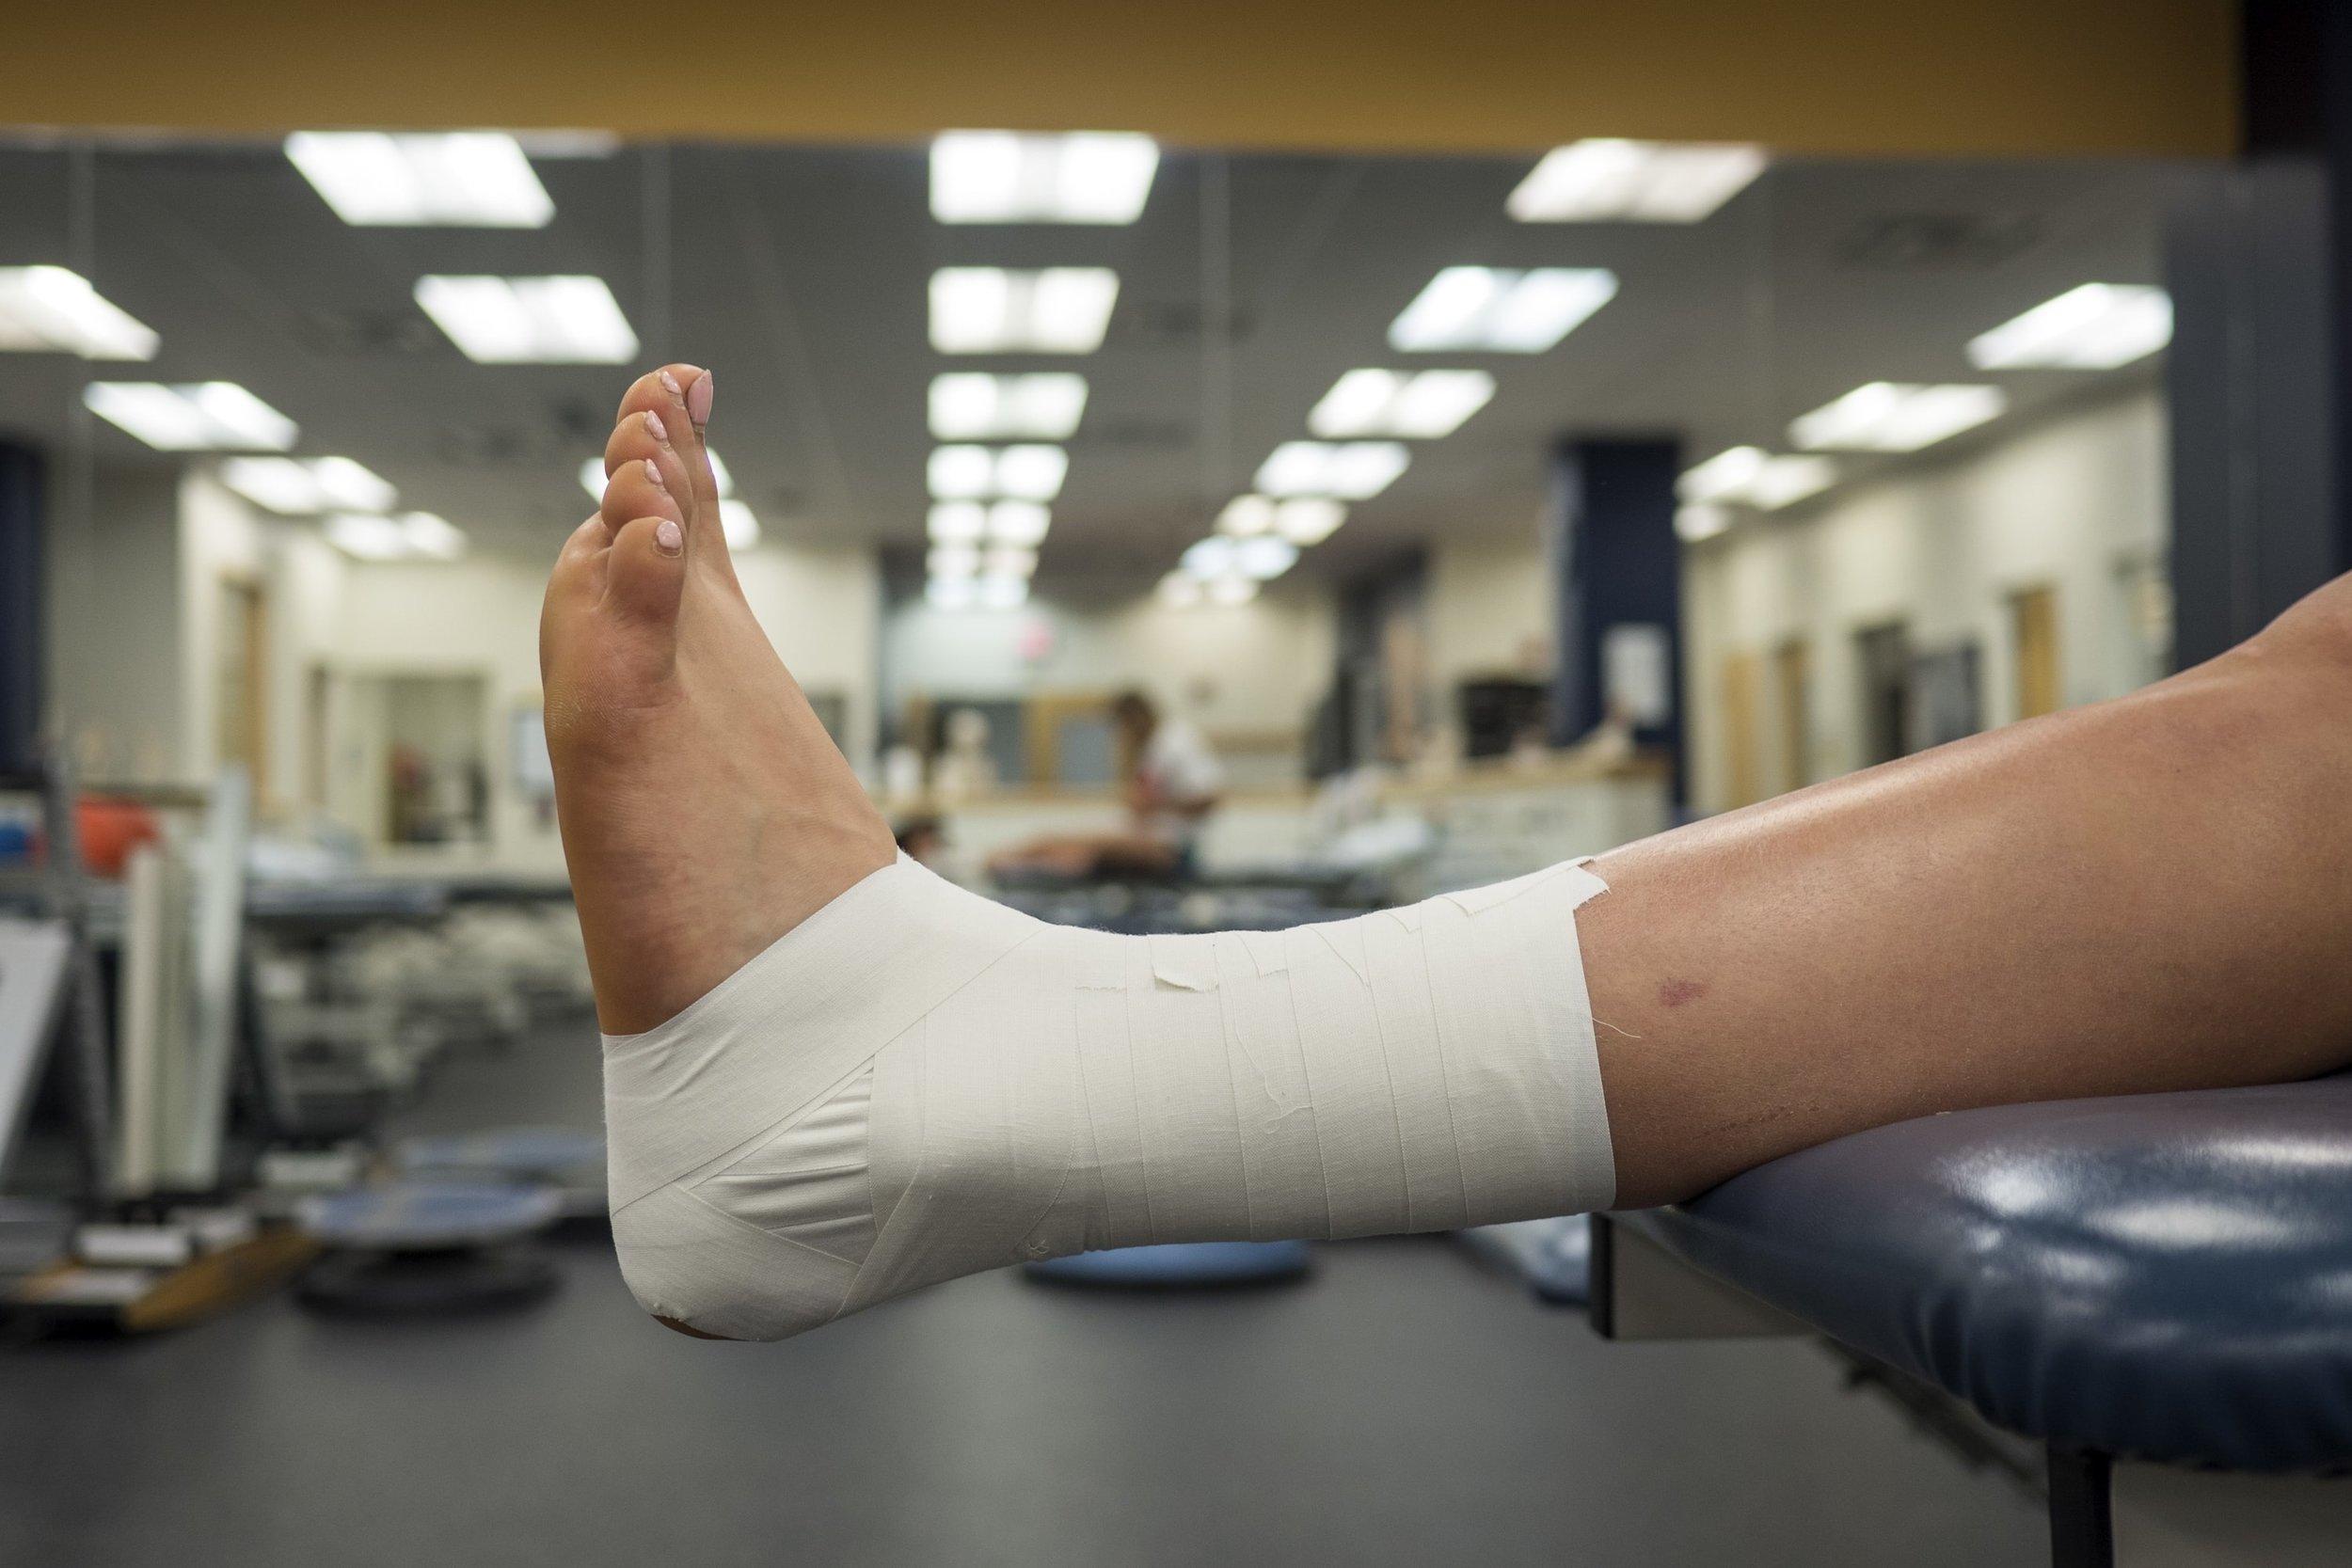 podiatrist shawn echard is a board certified foot surgeon